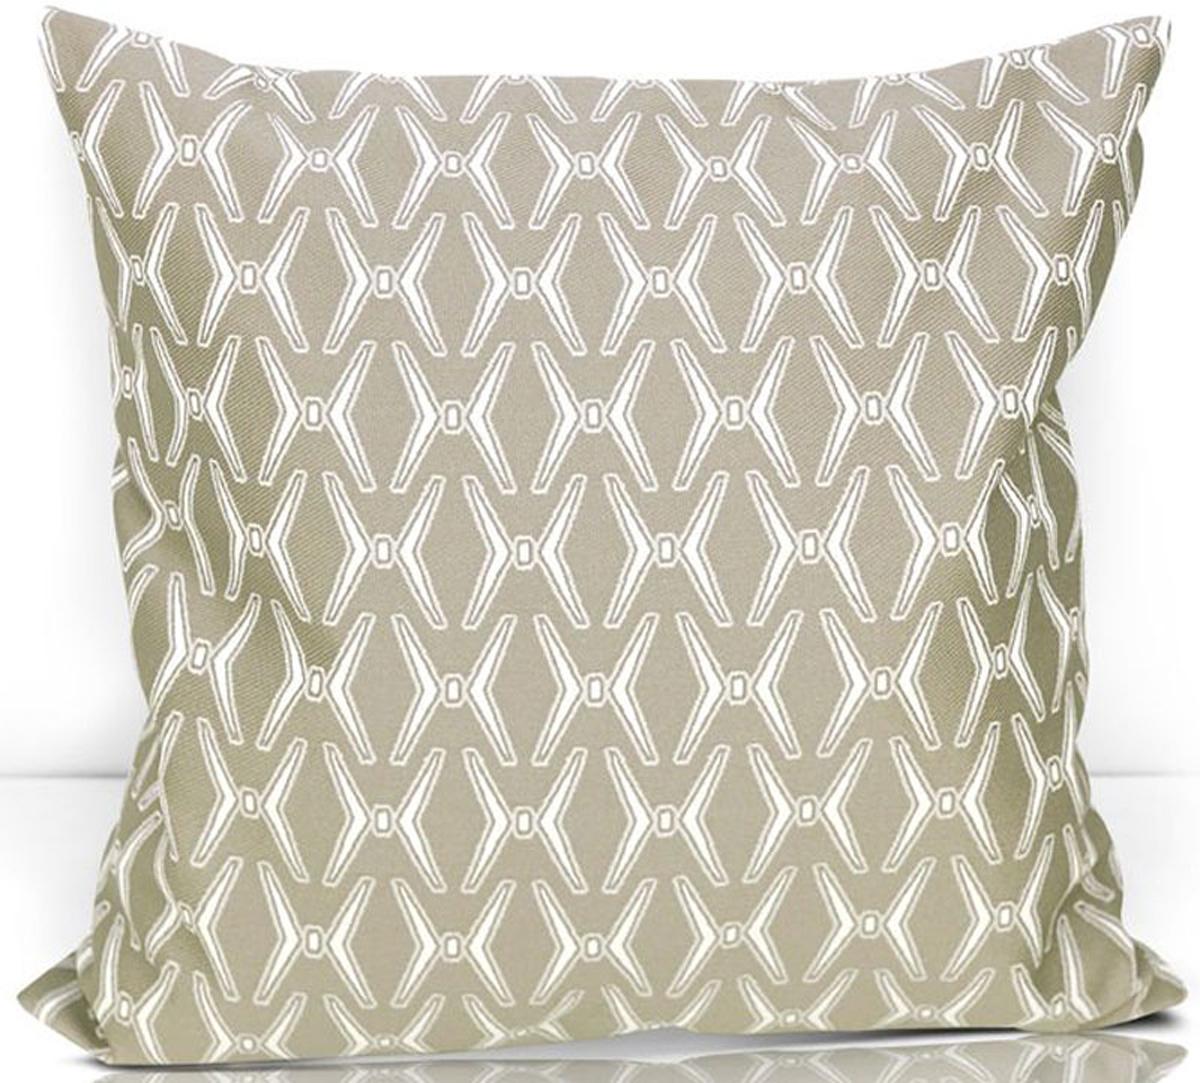 """Декоративная подушка """"KauffOrt """" прекрасно дополнит интерьер спальни или гостиной. Чехол  подушки выполнен из двухстороннего жаккарда (100% полиэстер). Внутри находится мягкий наполнитель.  Чехол легко снимается  благодаря потайной молнии."""